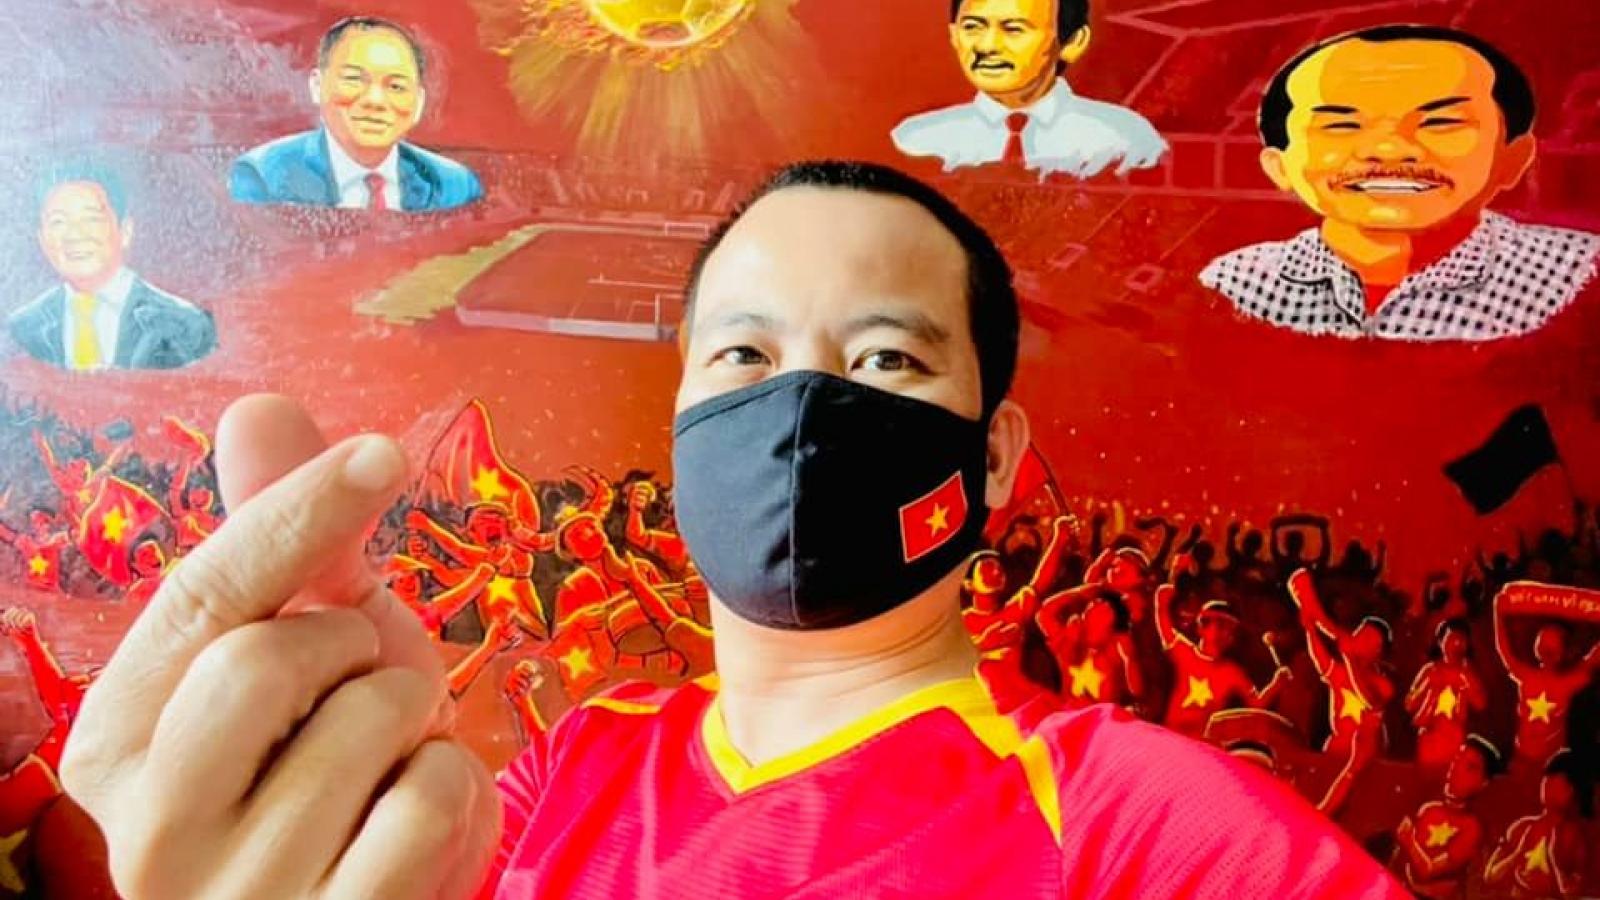 Nhà báo Minh Hải: ĐT Việt Nam hoàn toàn có thể chơi 1 trận sòng phẳng trước UAE